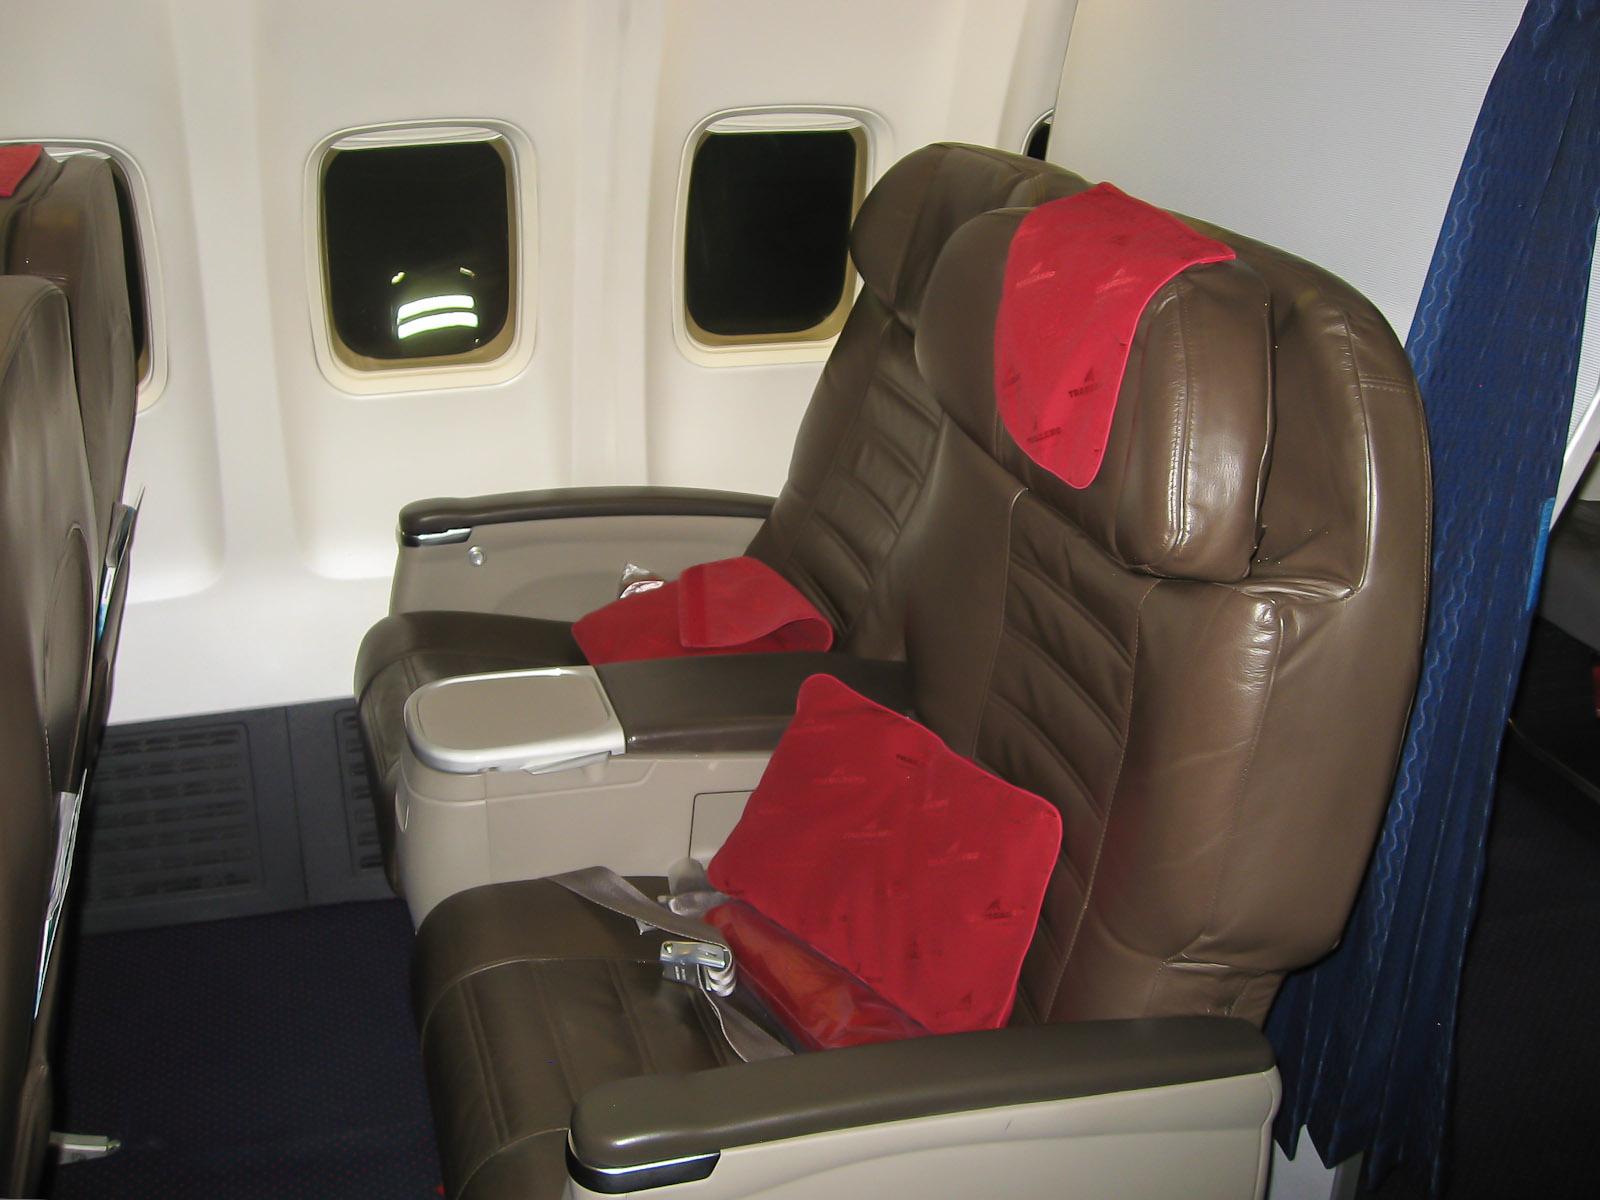 Кресла бизнес-класса в самолете Боинг-737-700 EI-RUL авиакомпании Трансаэро